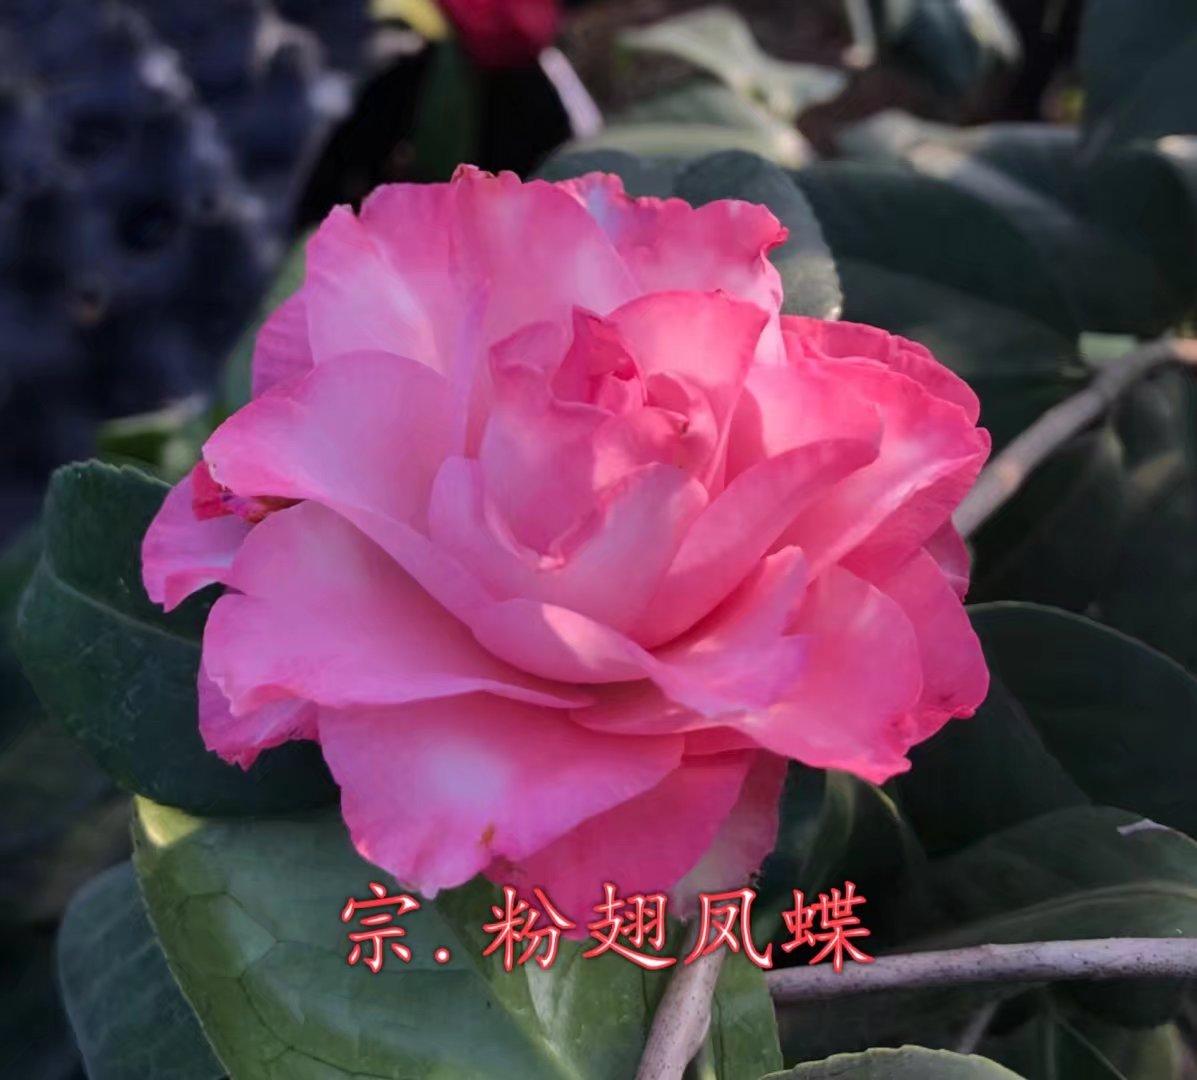 茶花粉翅凤蝶